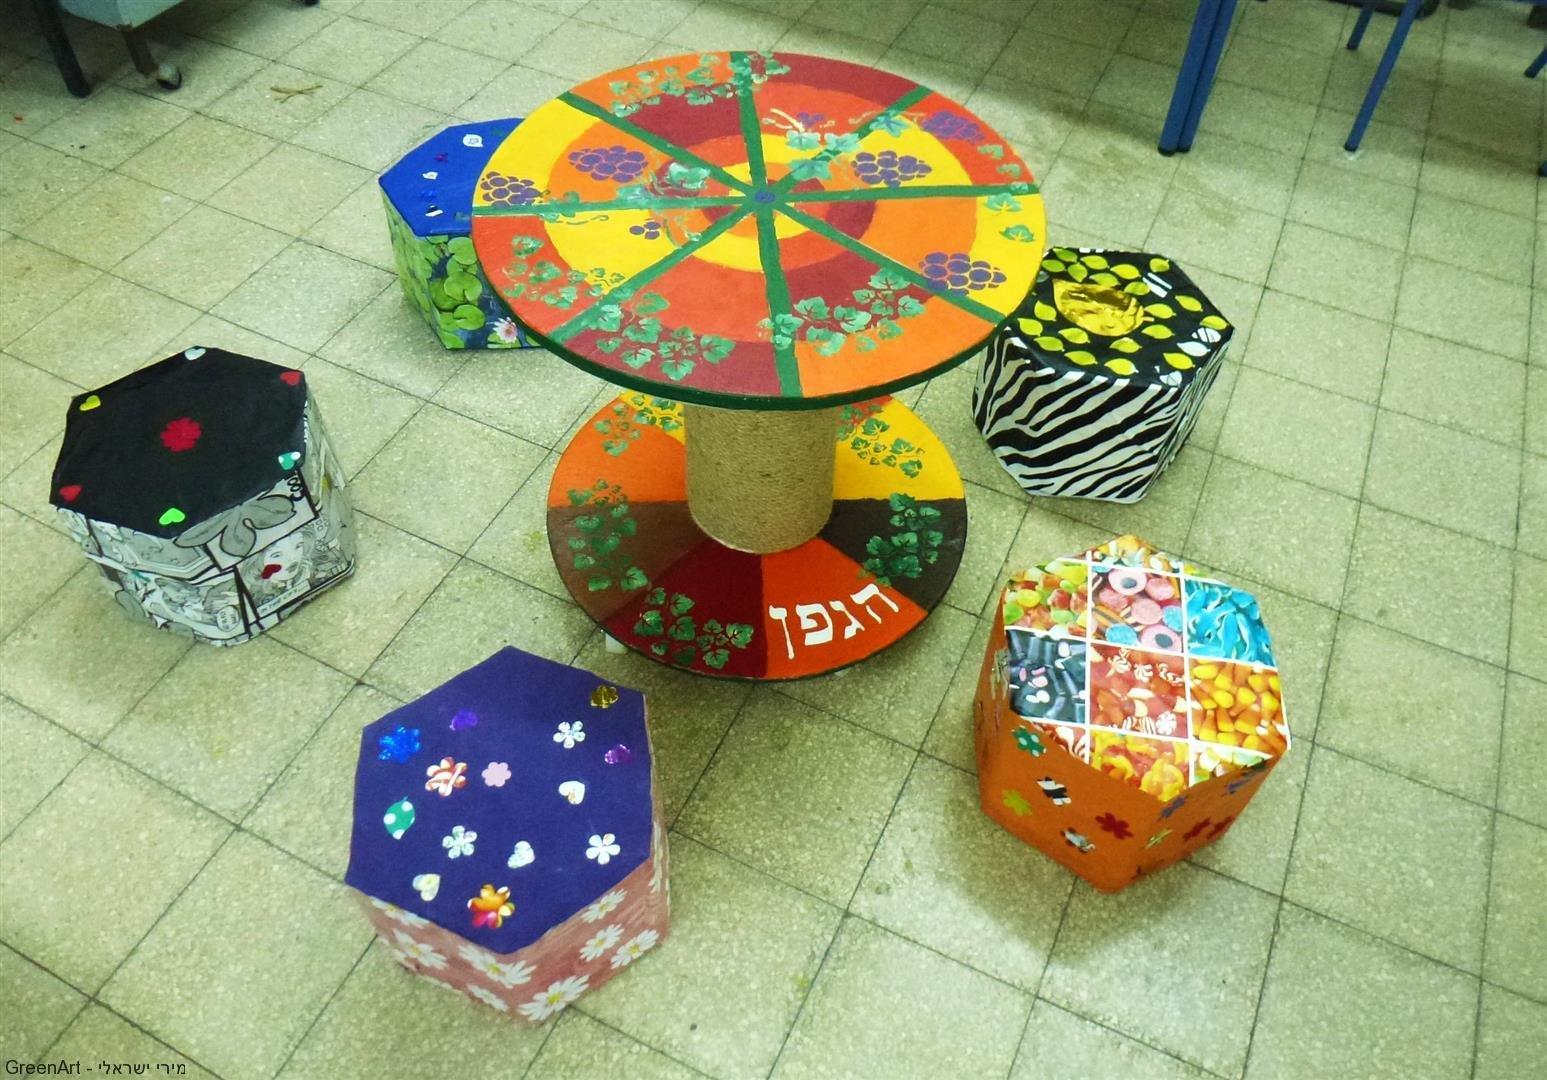 פינת ישיבה מחומרים ממוחזרים שעיצבו תלמידי הגפן רמת גן